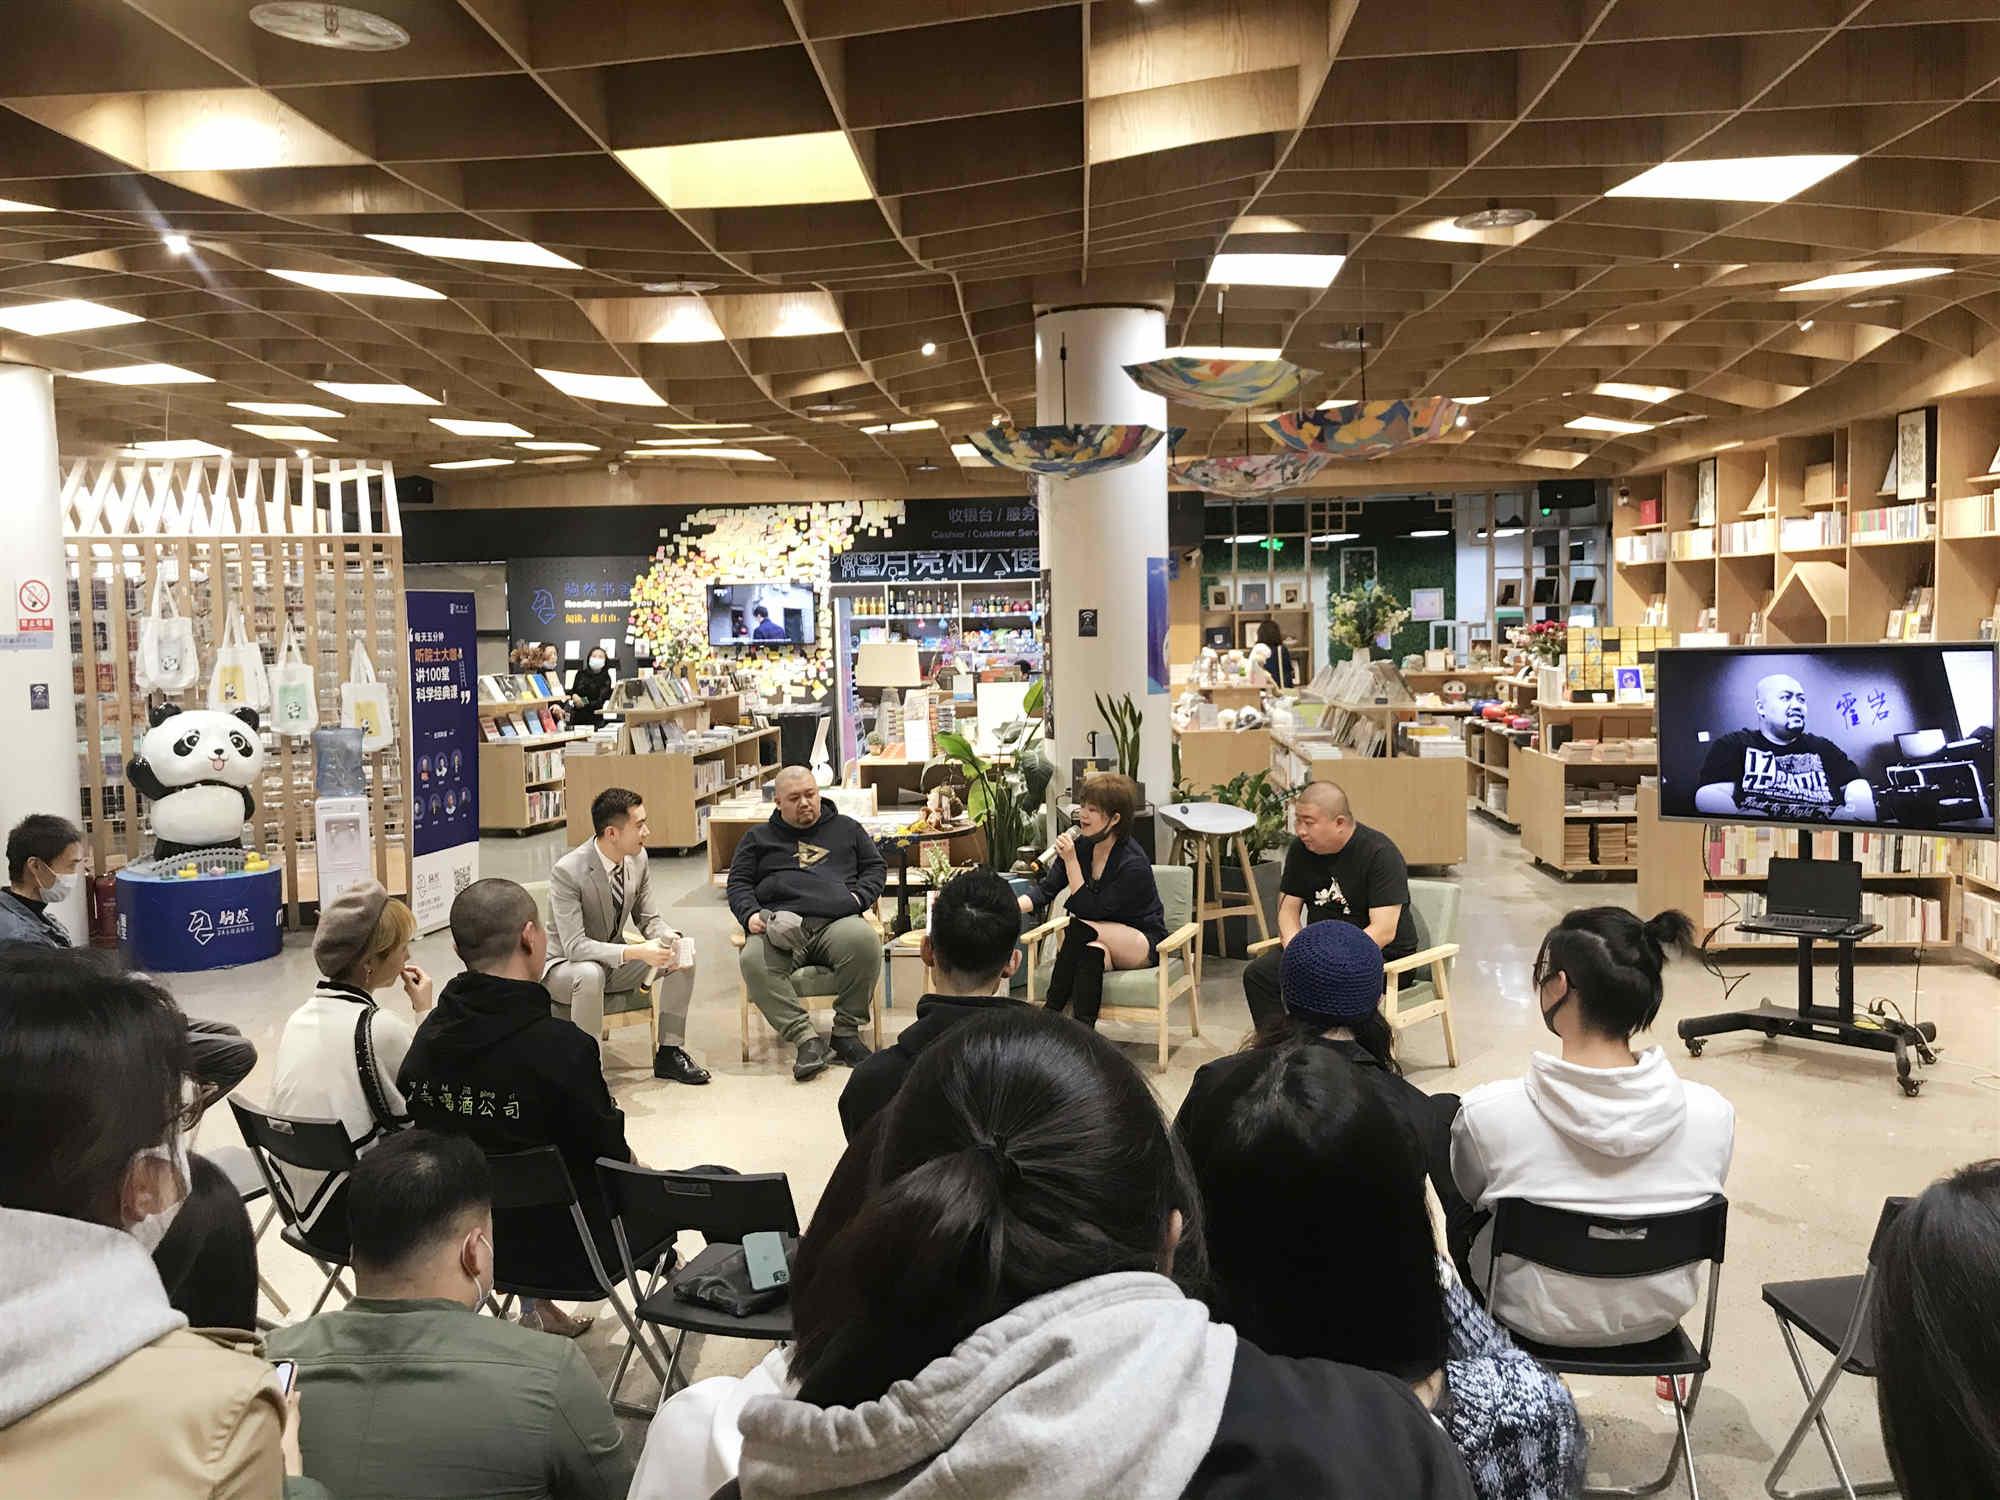 新书《北京孩子》主创分享会在京成功举办